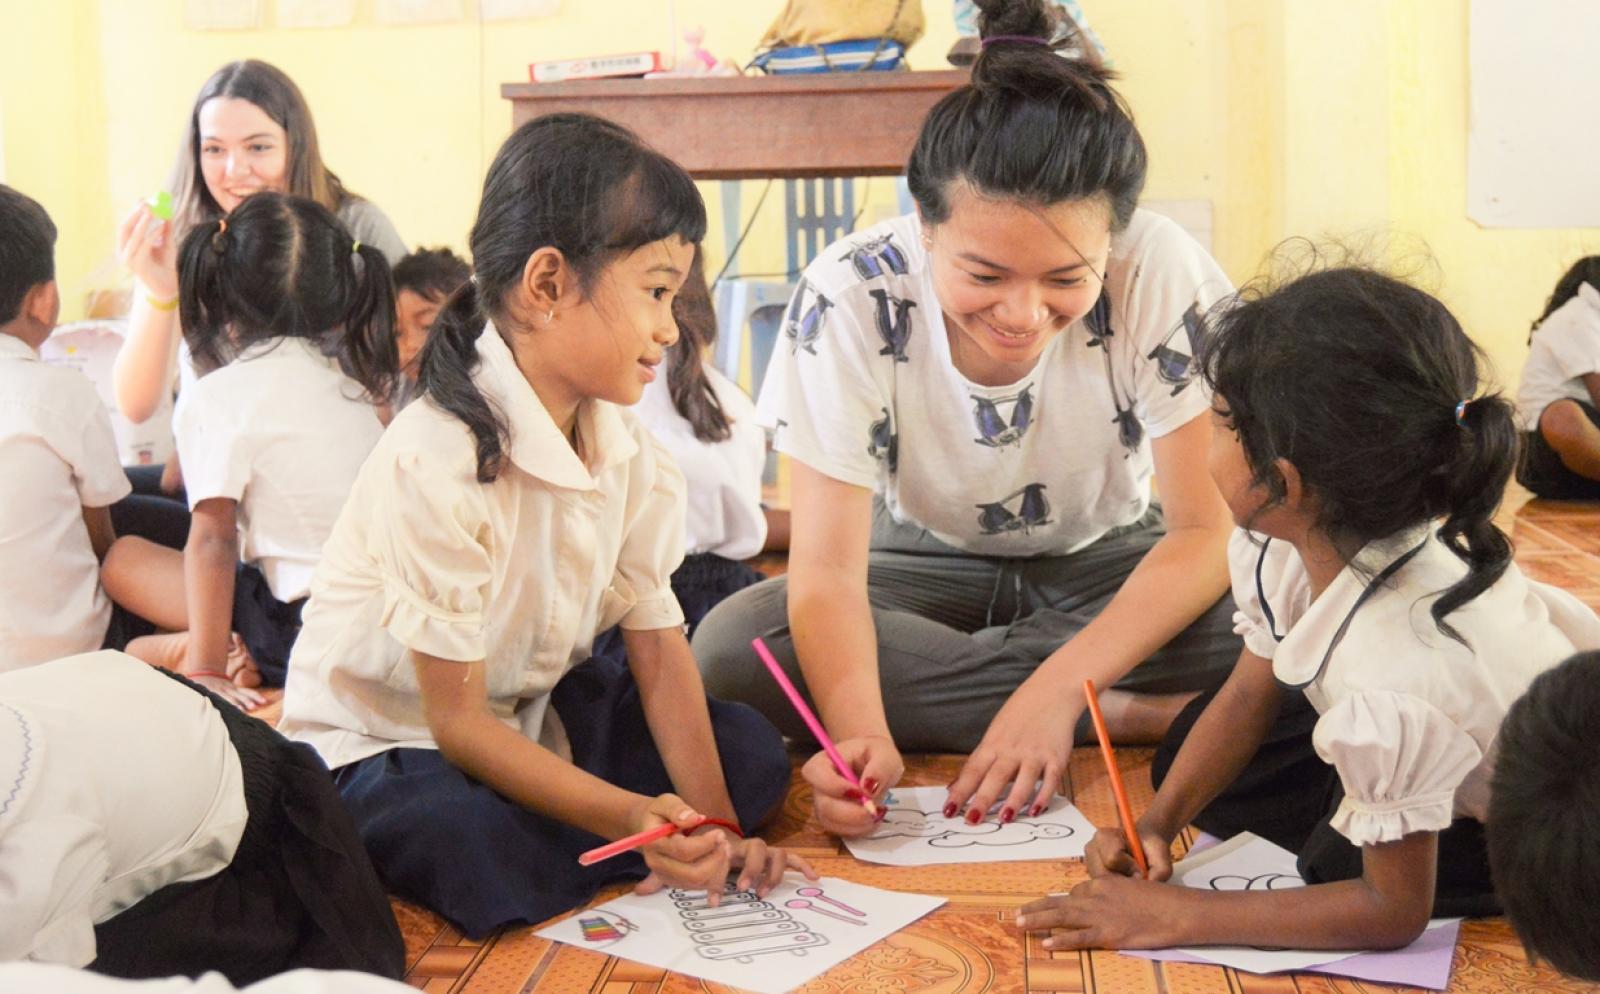 カンボジアで図画工作に取り組む子供たちとチャイルドケアボランティア